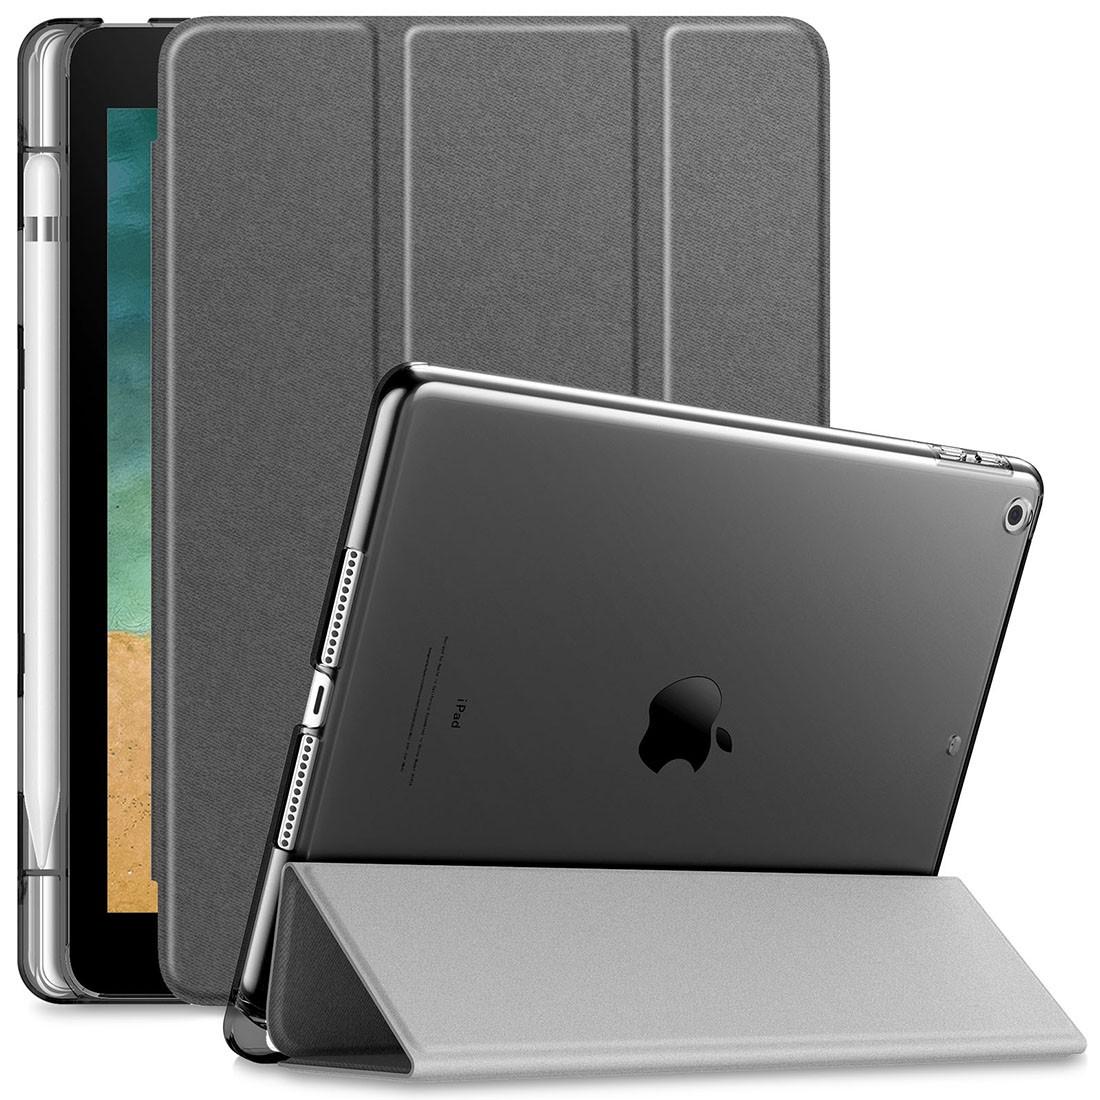 Capa Transparente Series iPad 6 9.7 pol 2018 com Suporte Para Caneta A1893 A1954